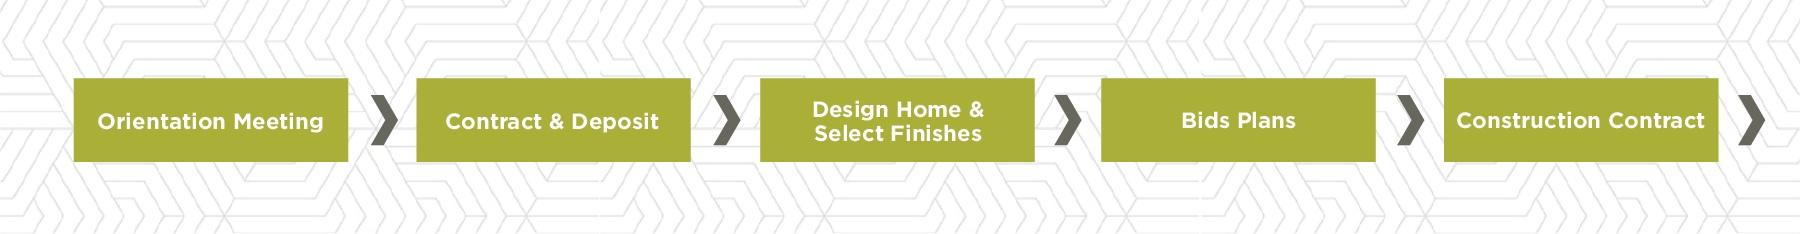 Flynner+-+Design+process.jpg